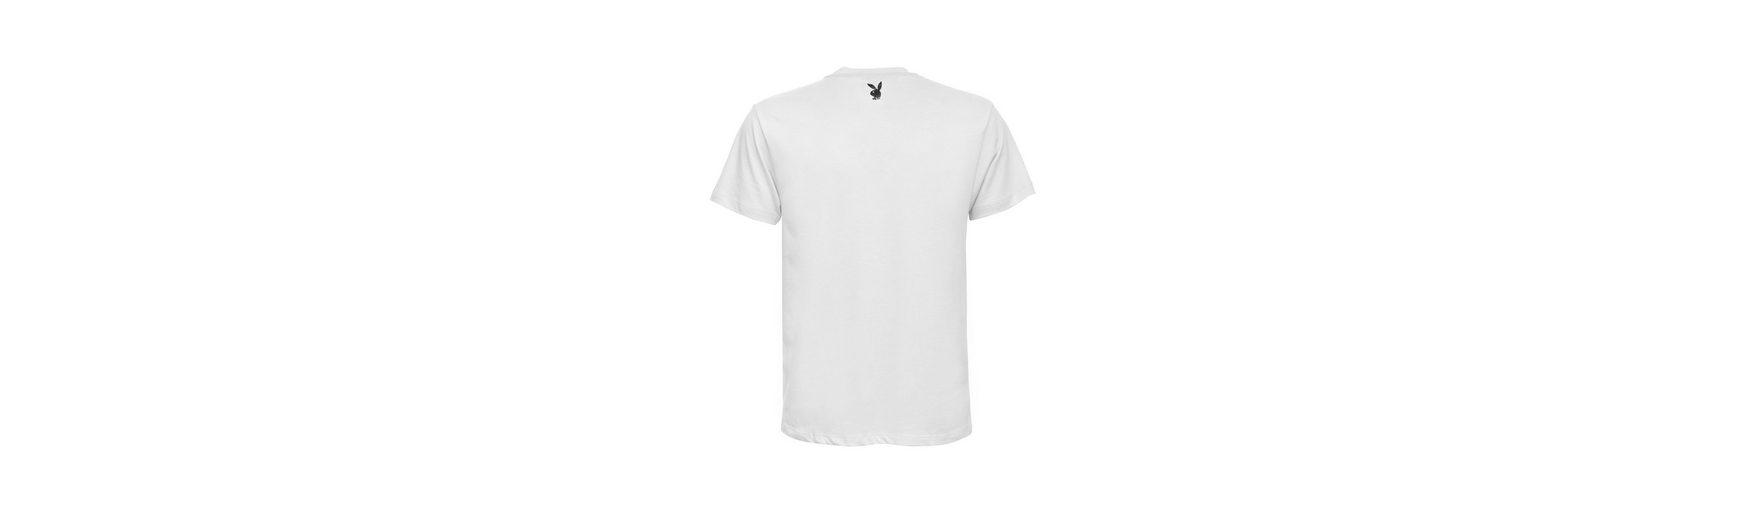 Playboy T-Shirt mit Frontprint Spielraum Niedrigsten Preis AuQjlNF